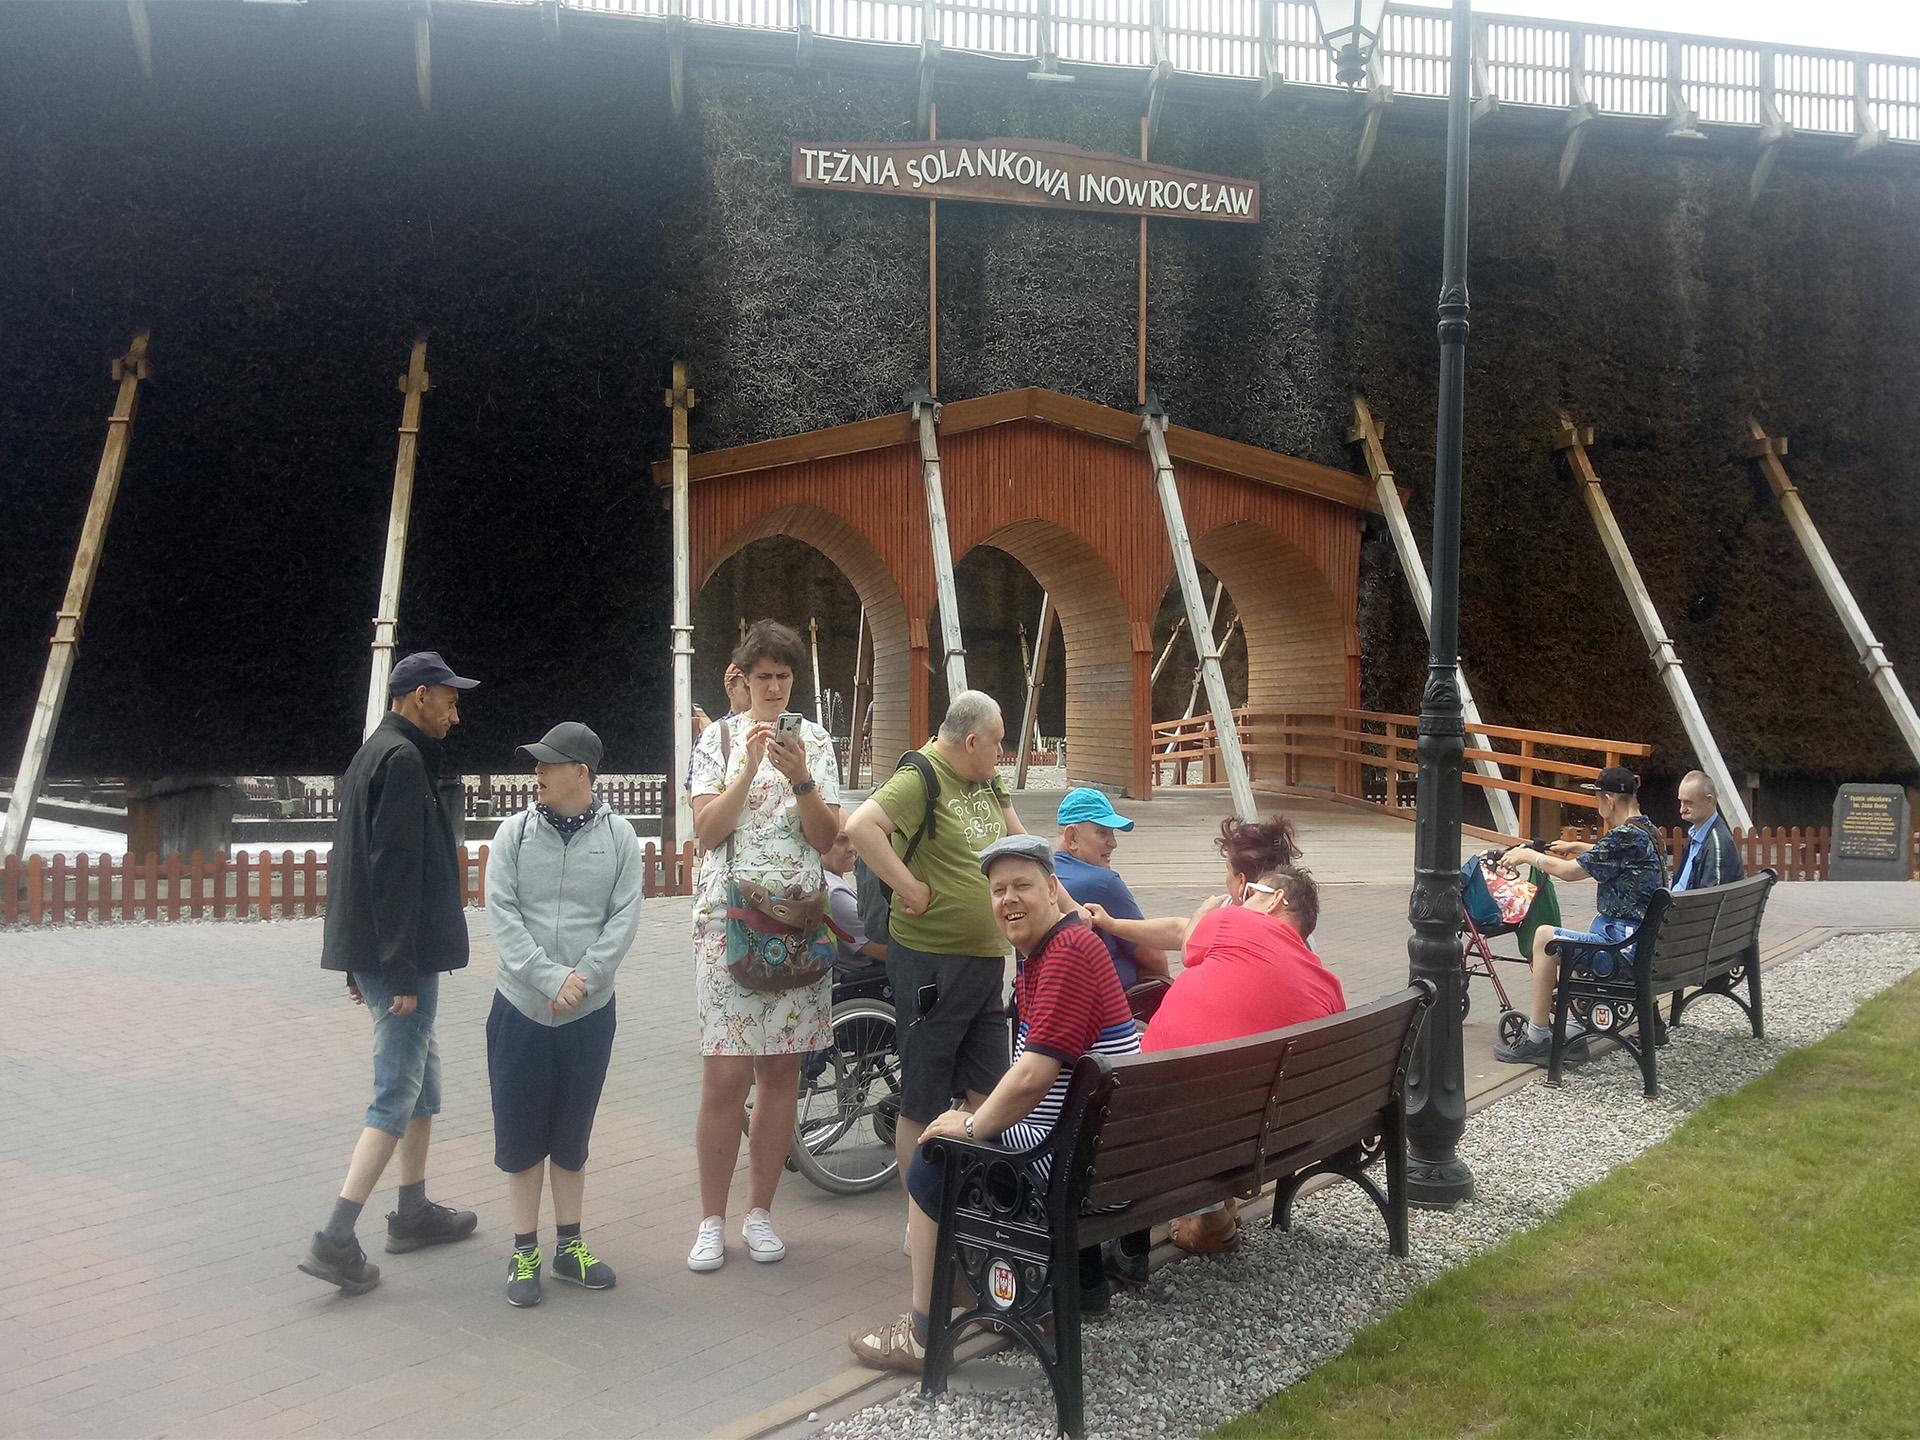 Grupa osób stojąca niedaleko wejścia do Tężni. Część osób stoi część siedzi na ławce z tyłu wejście do budynku z napisem Tężnia Solankowa Inowrocław